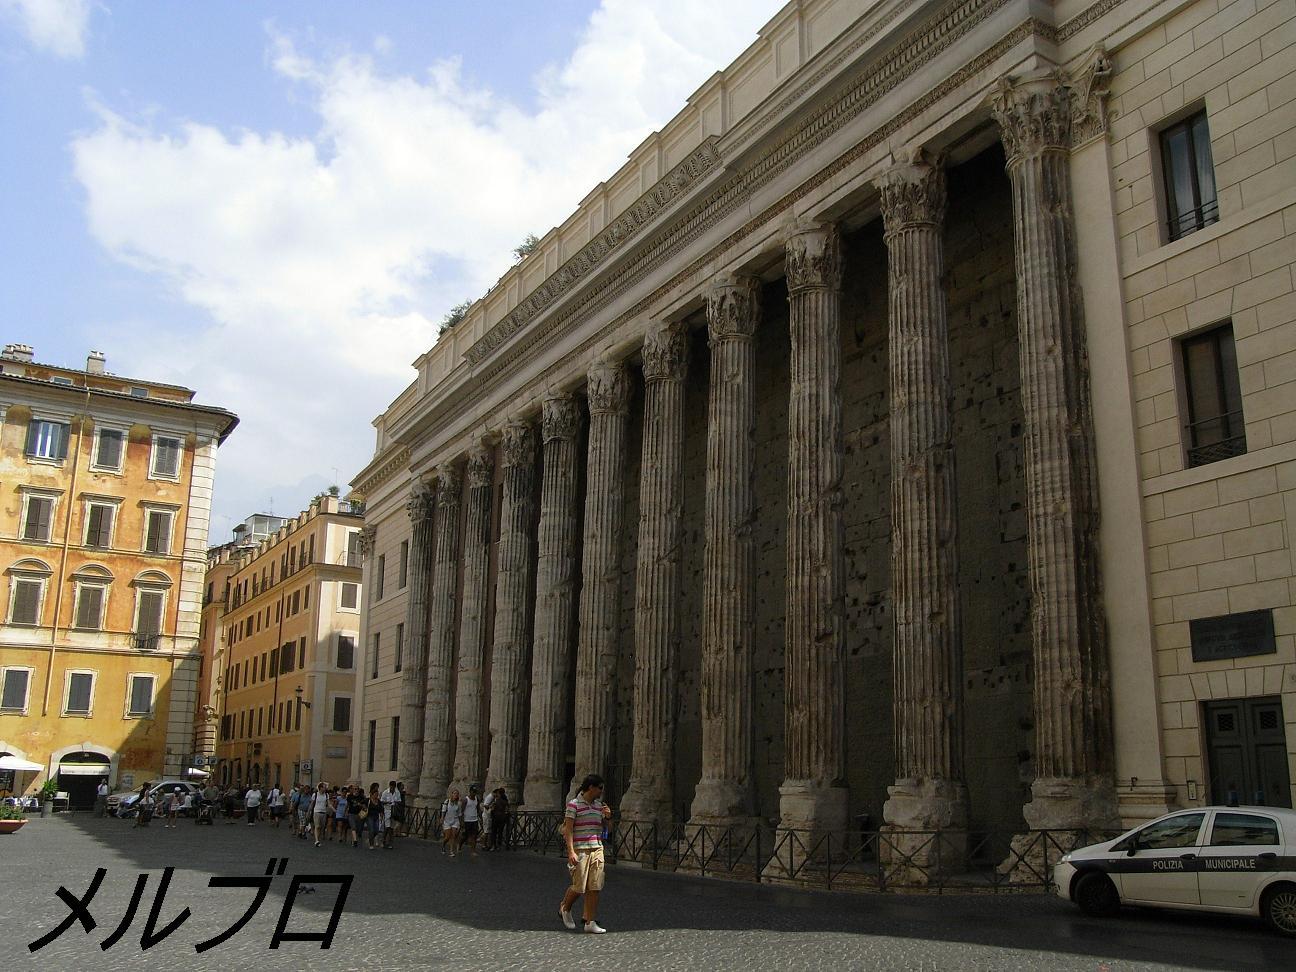 ピエトラ広場の神殿跡